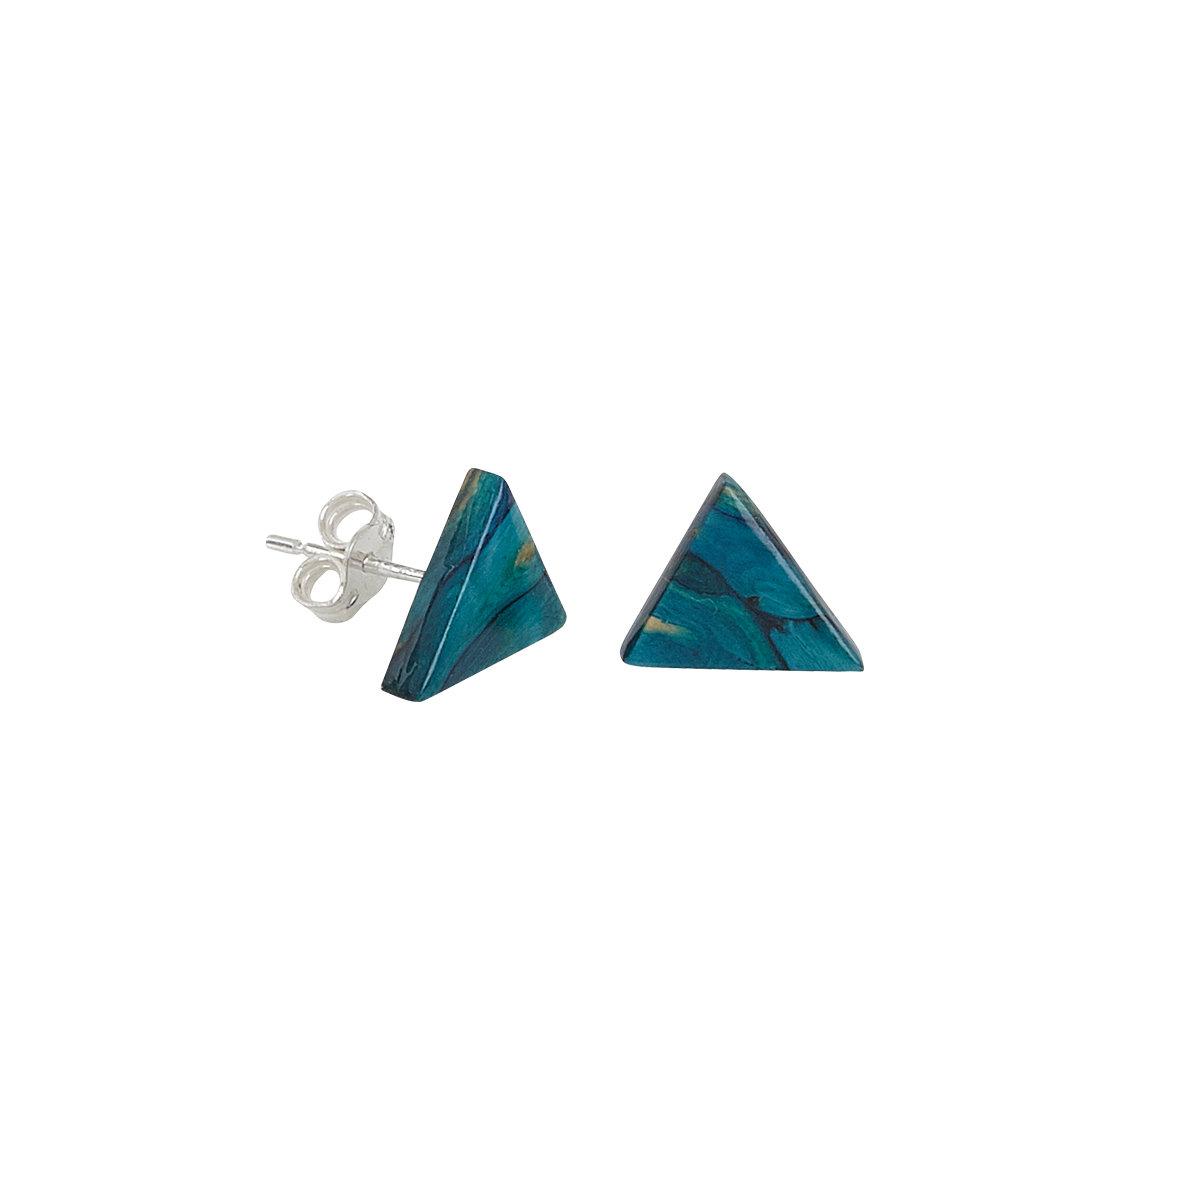 91f352c69 Triangle Stud Earrings - Earrings   Heathergems